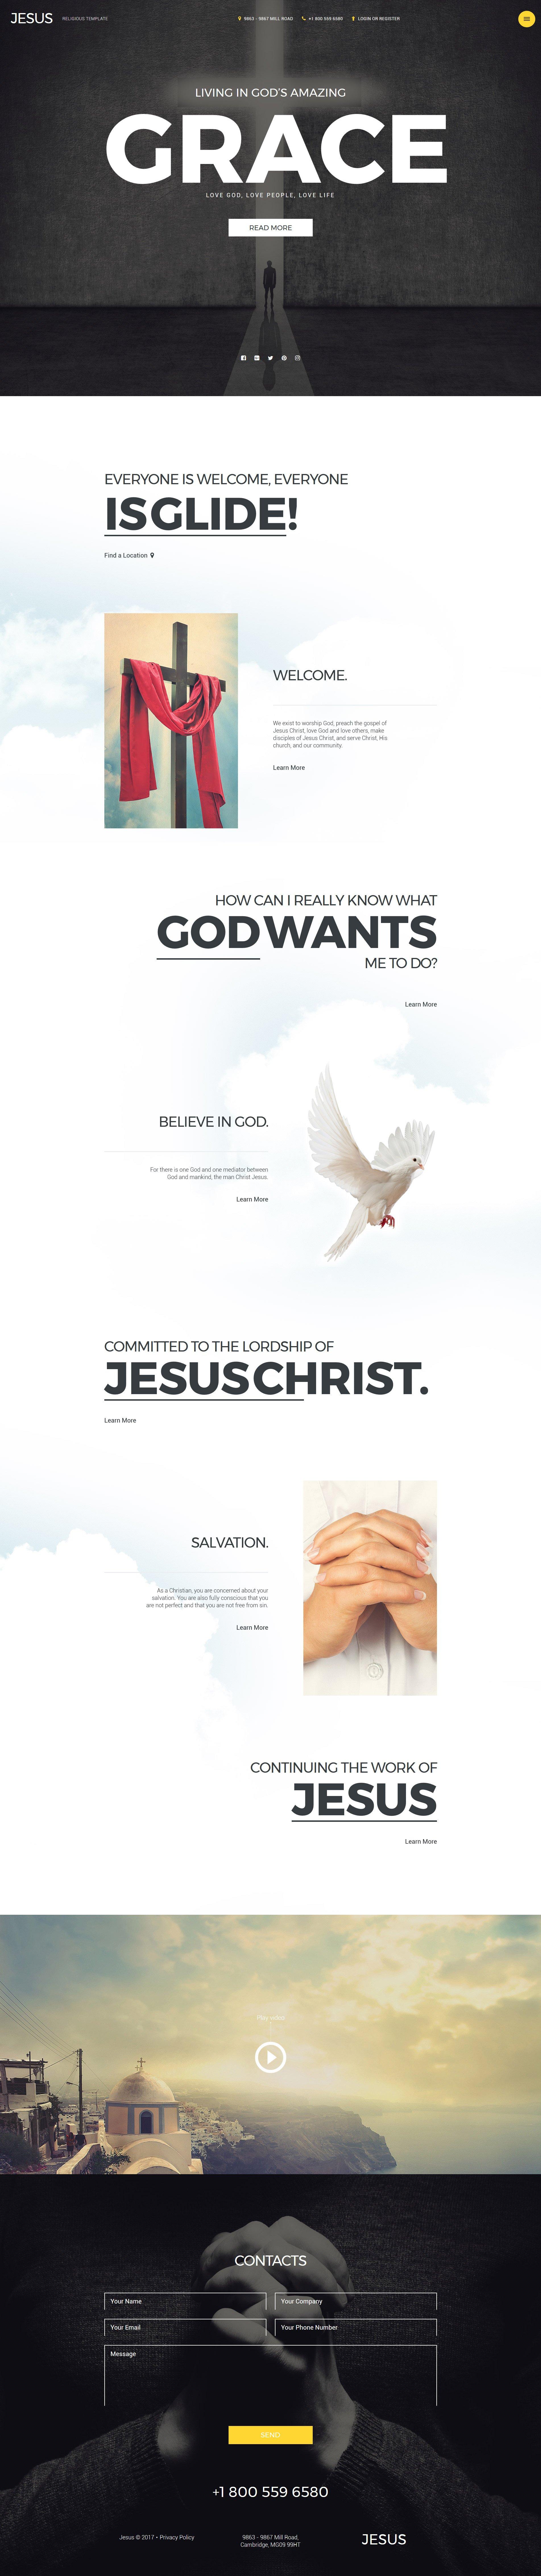 Template Joomla Flexível para Sites de Cristão №57982